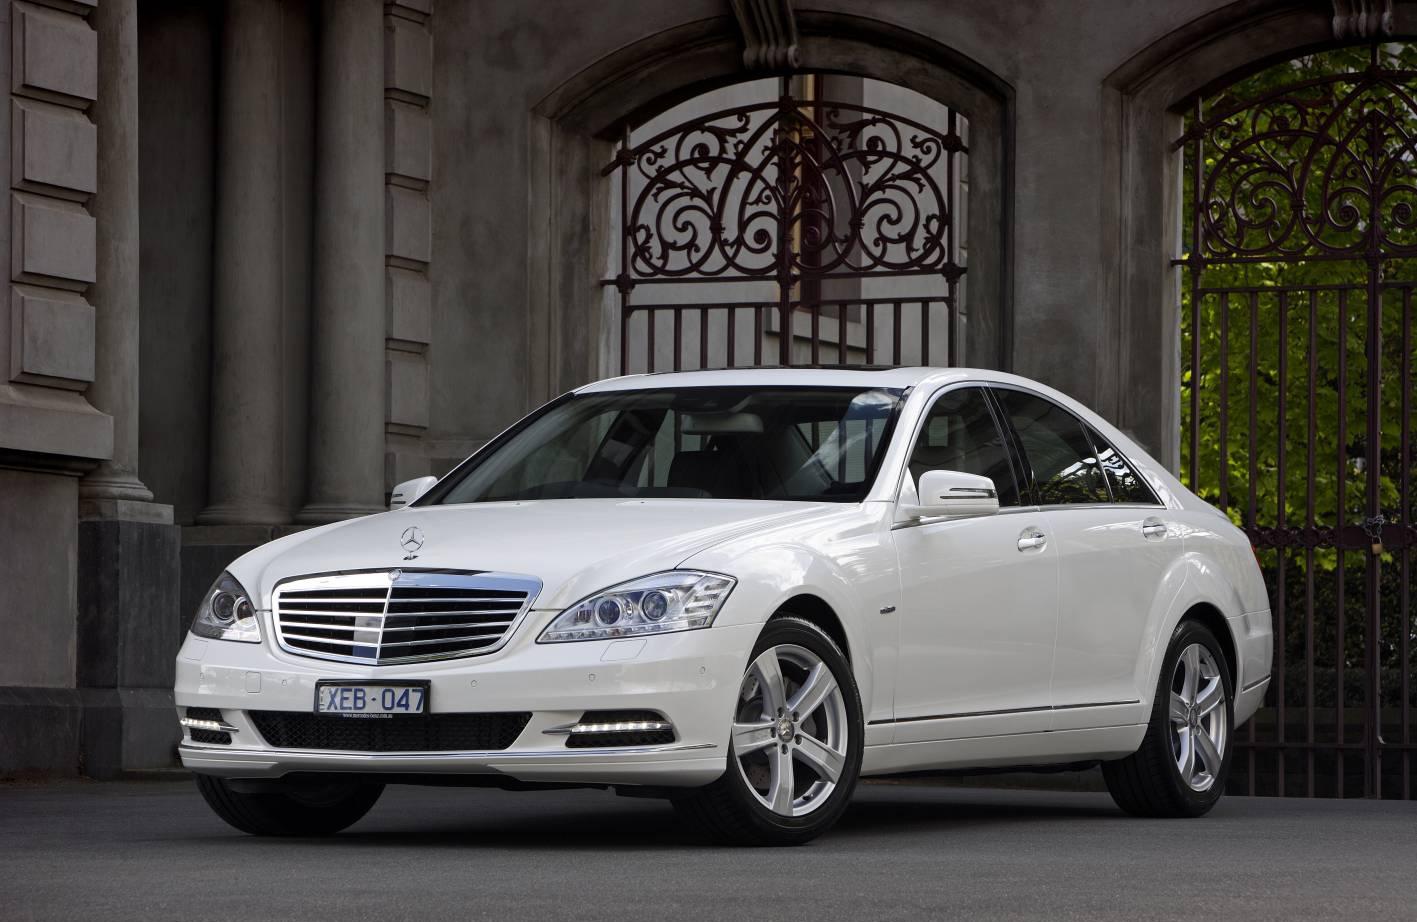 Mercedes-Benz S350 CDI будут выставлены на продажу в США - фотография №11